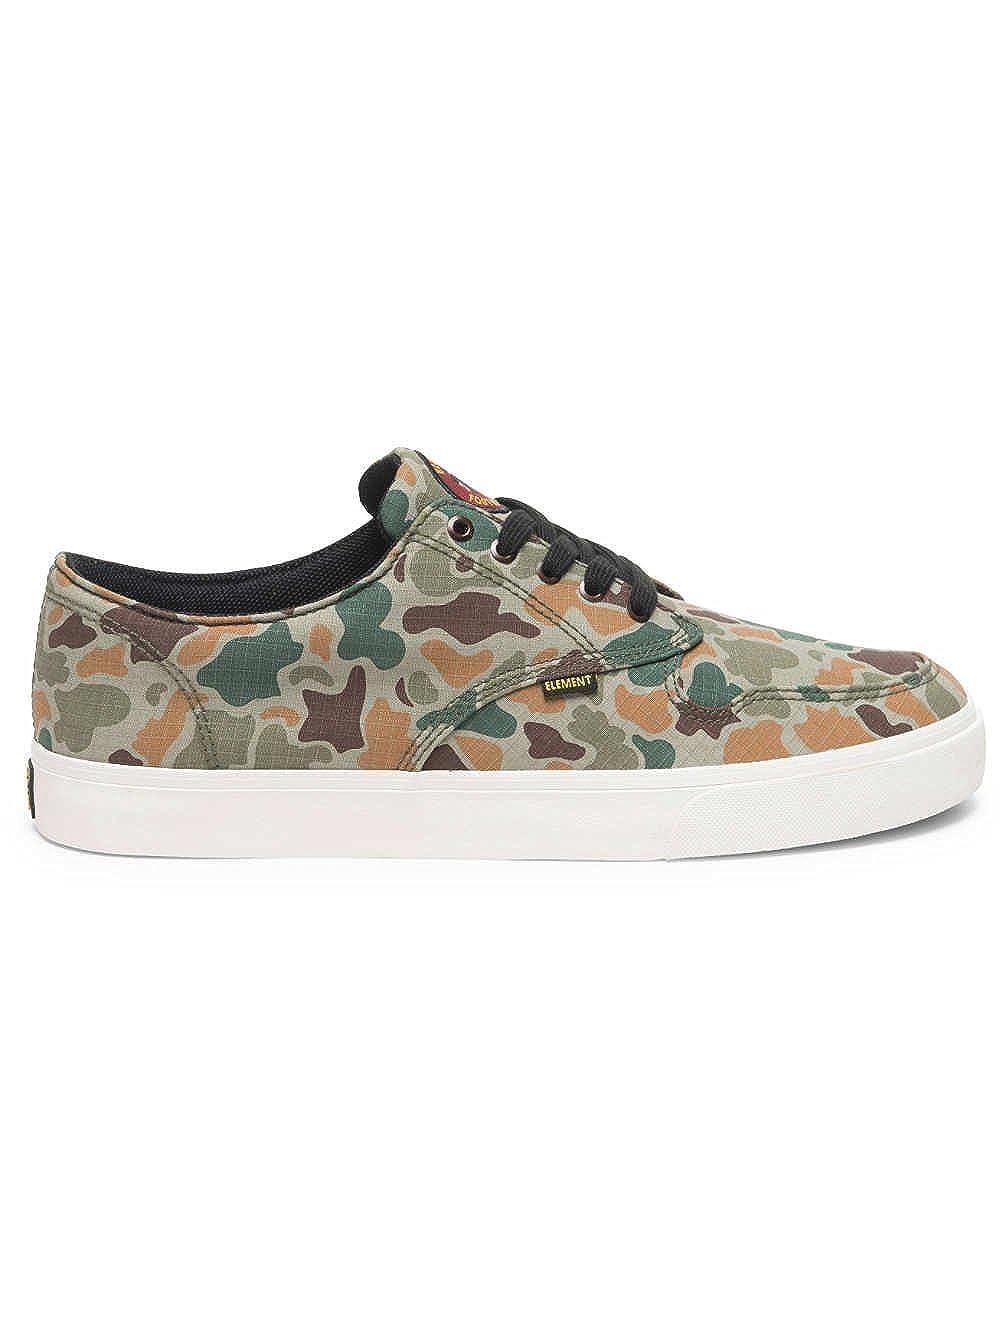 Element - Zapatillas de Lona para Hombre: Amazon.es: Zapatos y complementos